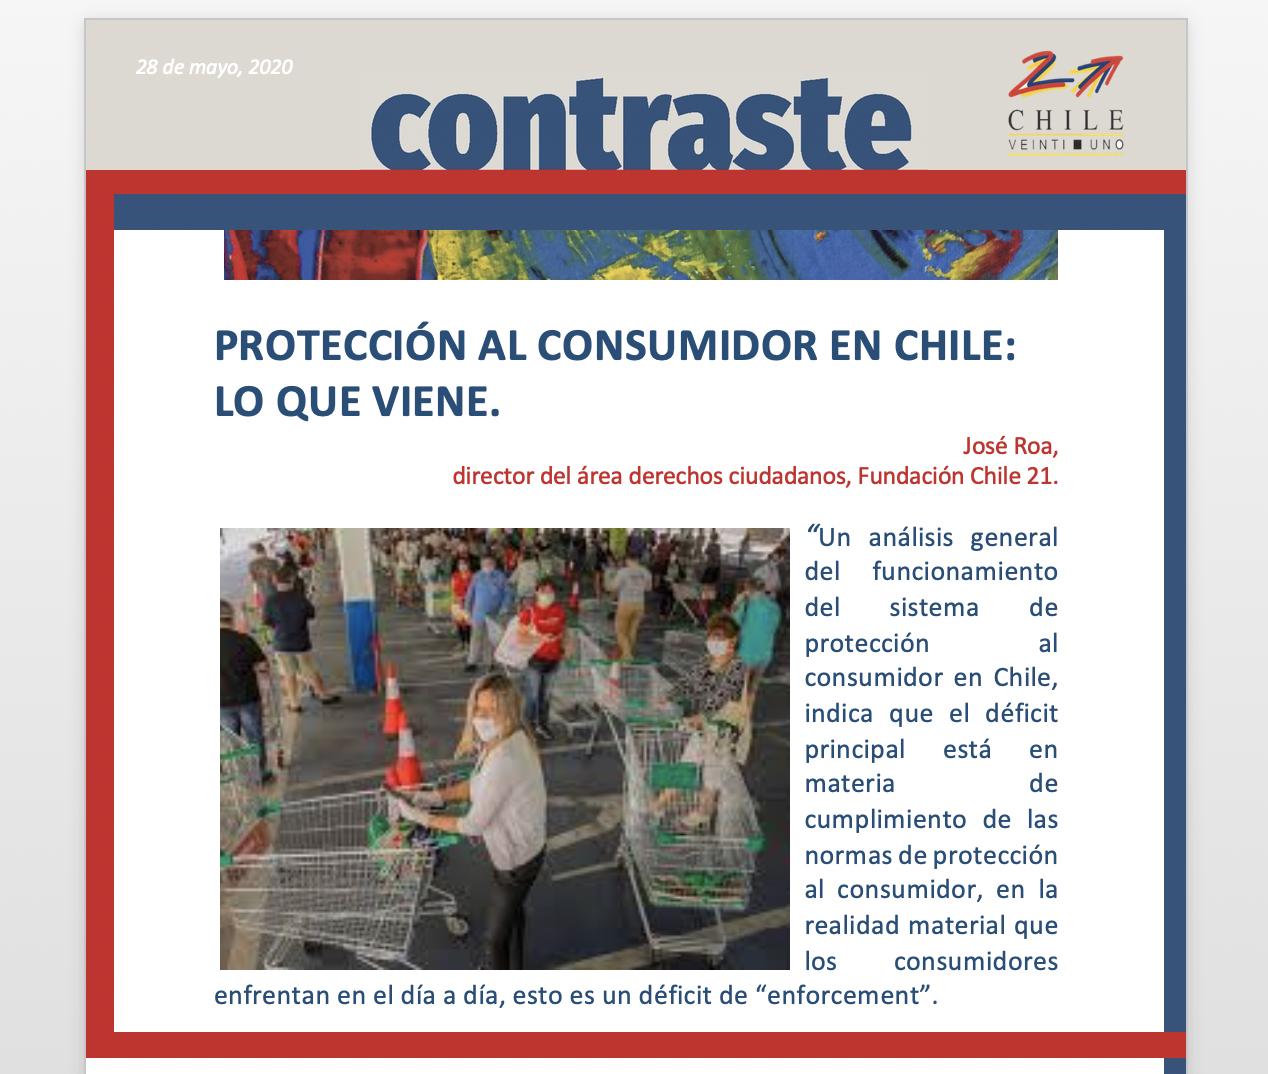 PROTECCIÓN AL CONSUMIDOR EN CHILE: LO QUE VIENE.